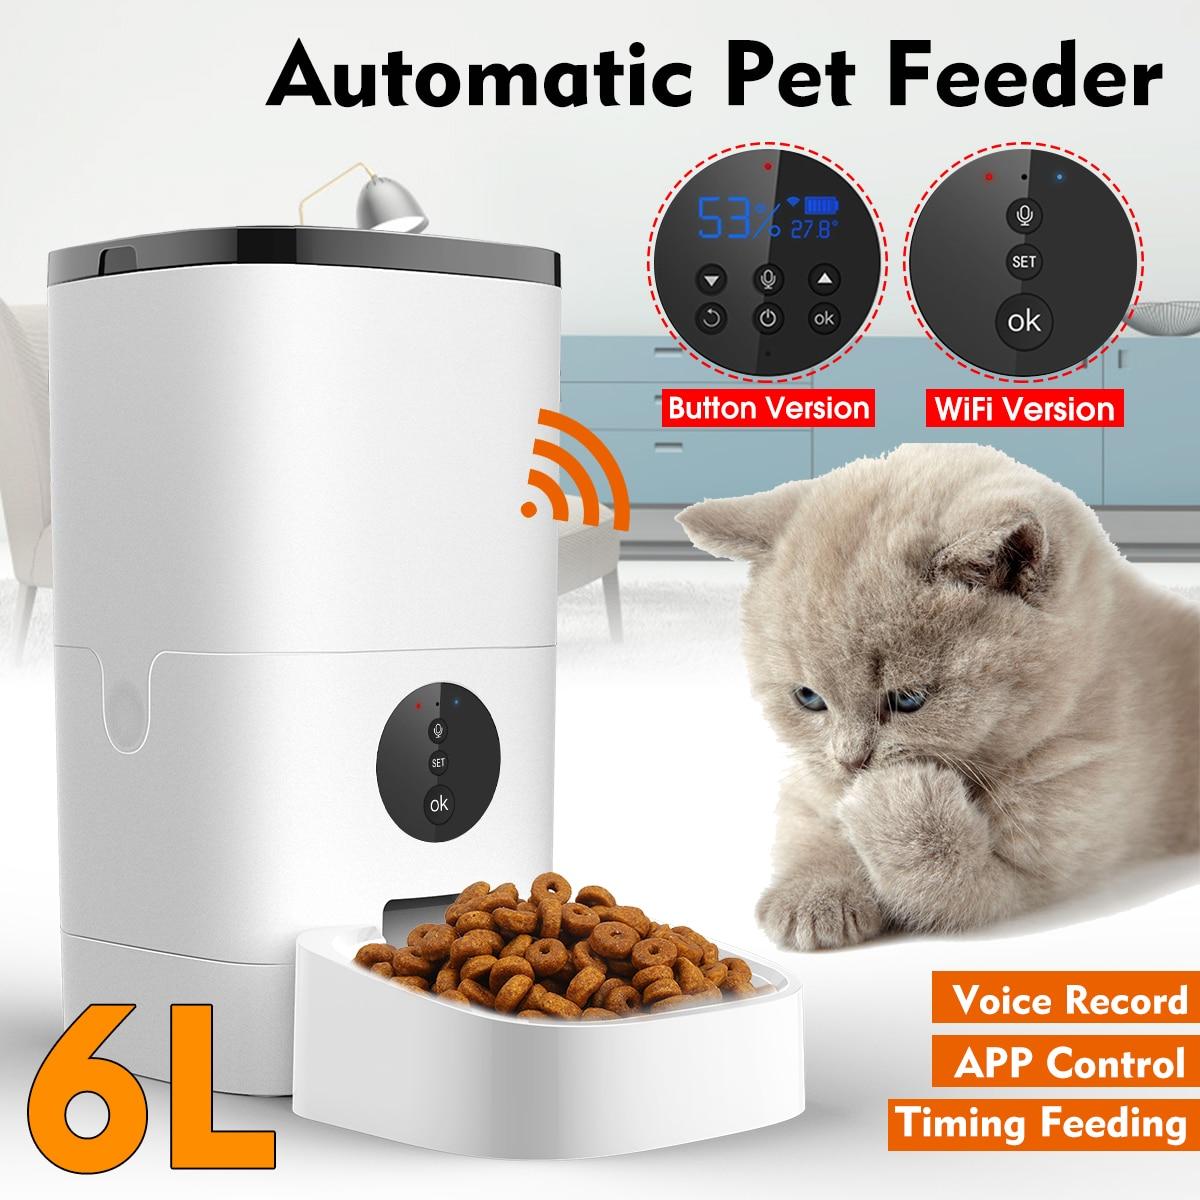 6L alimentatore automatico per animali domestici telecomando intelligente 5s registrazione vocale distributore di cibo per cani gatto [versione WiFi/pulsante] 1